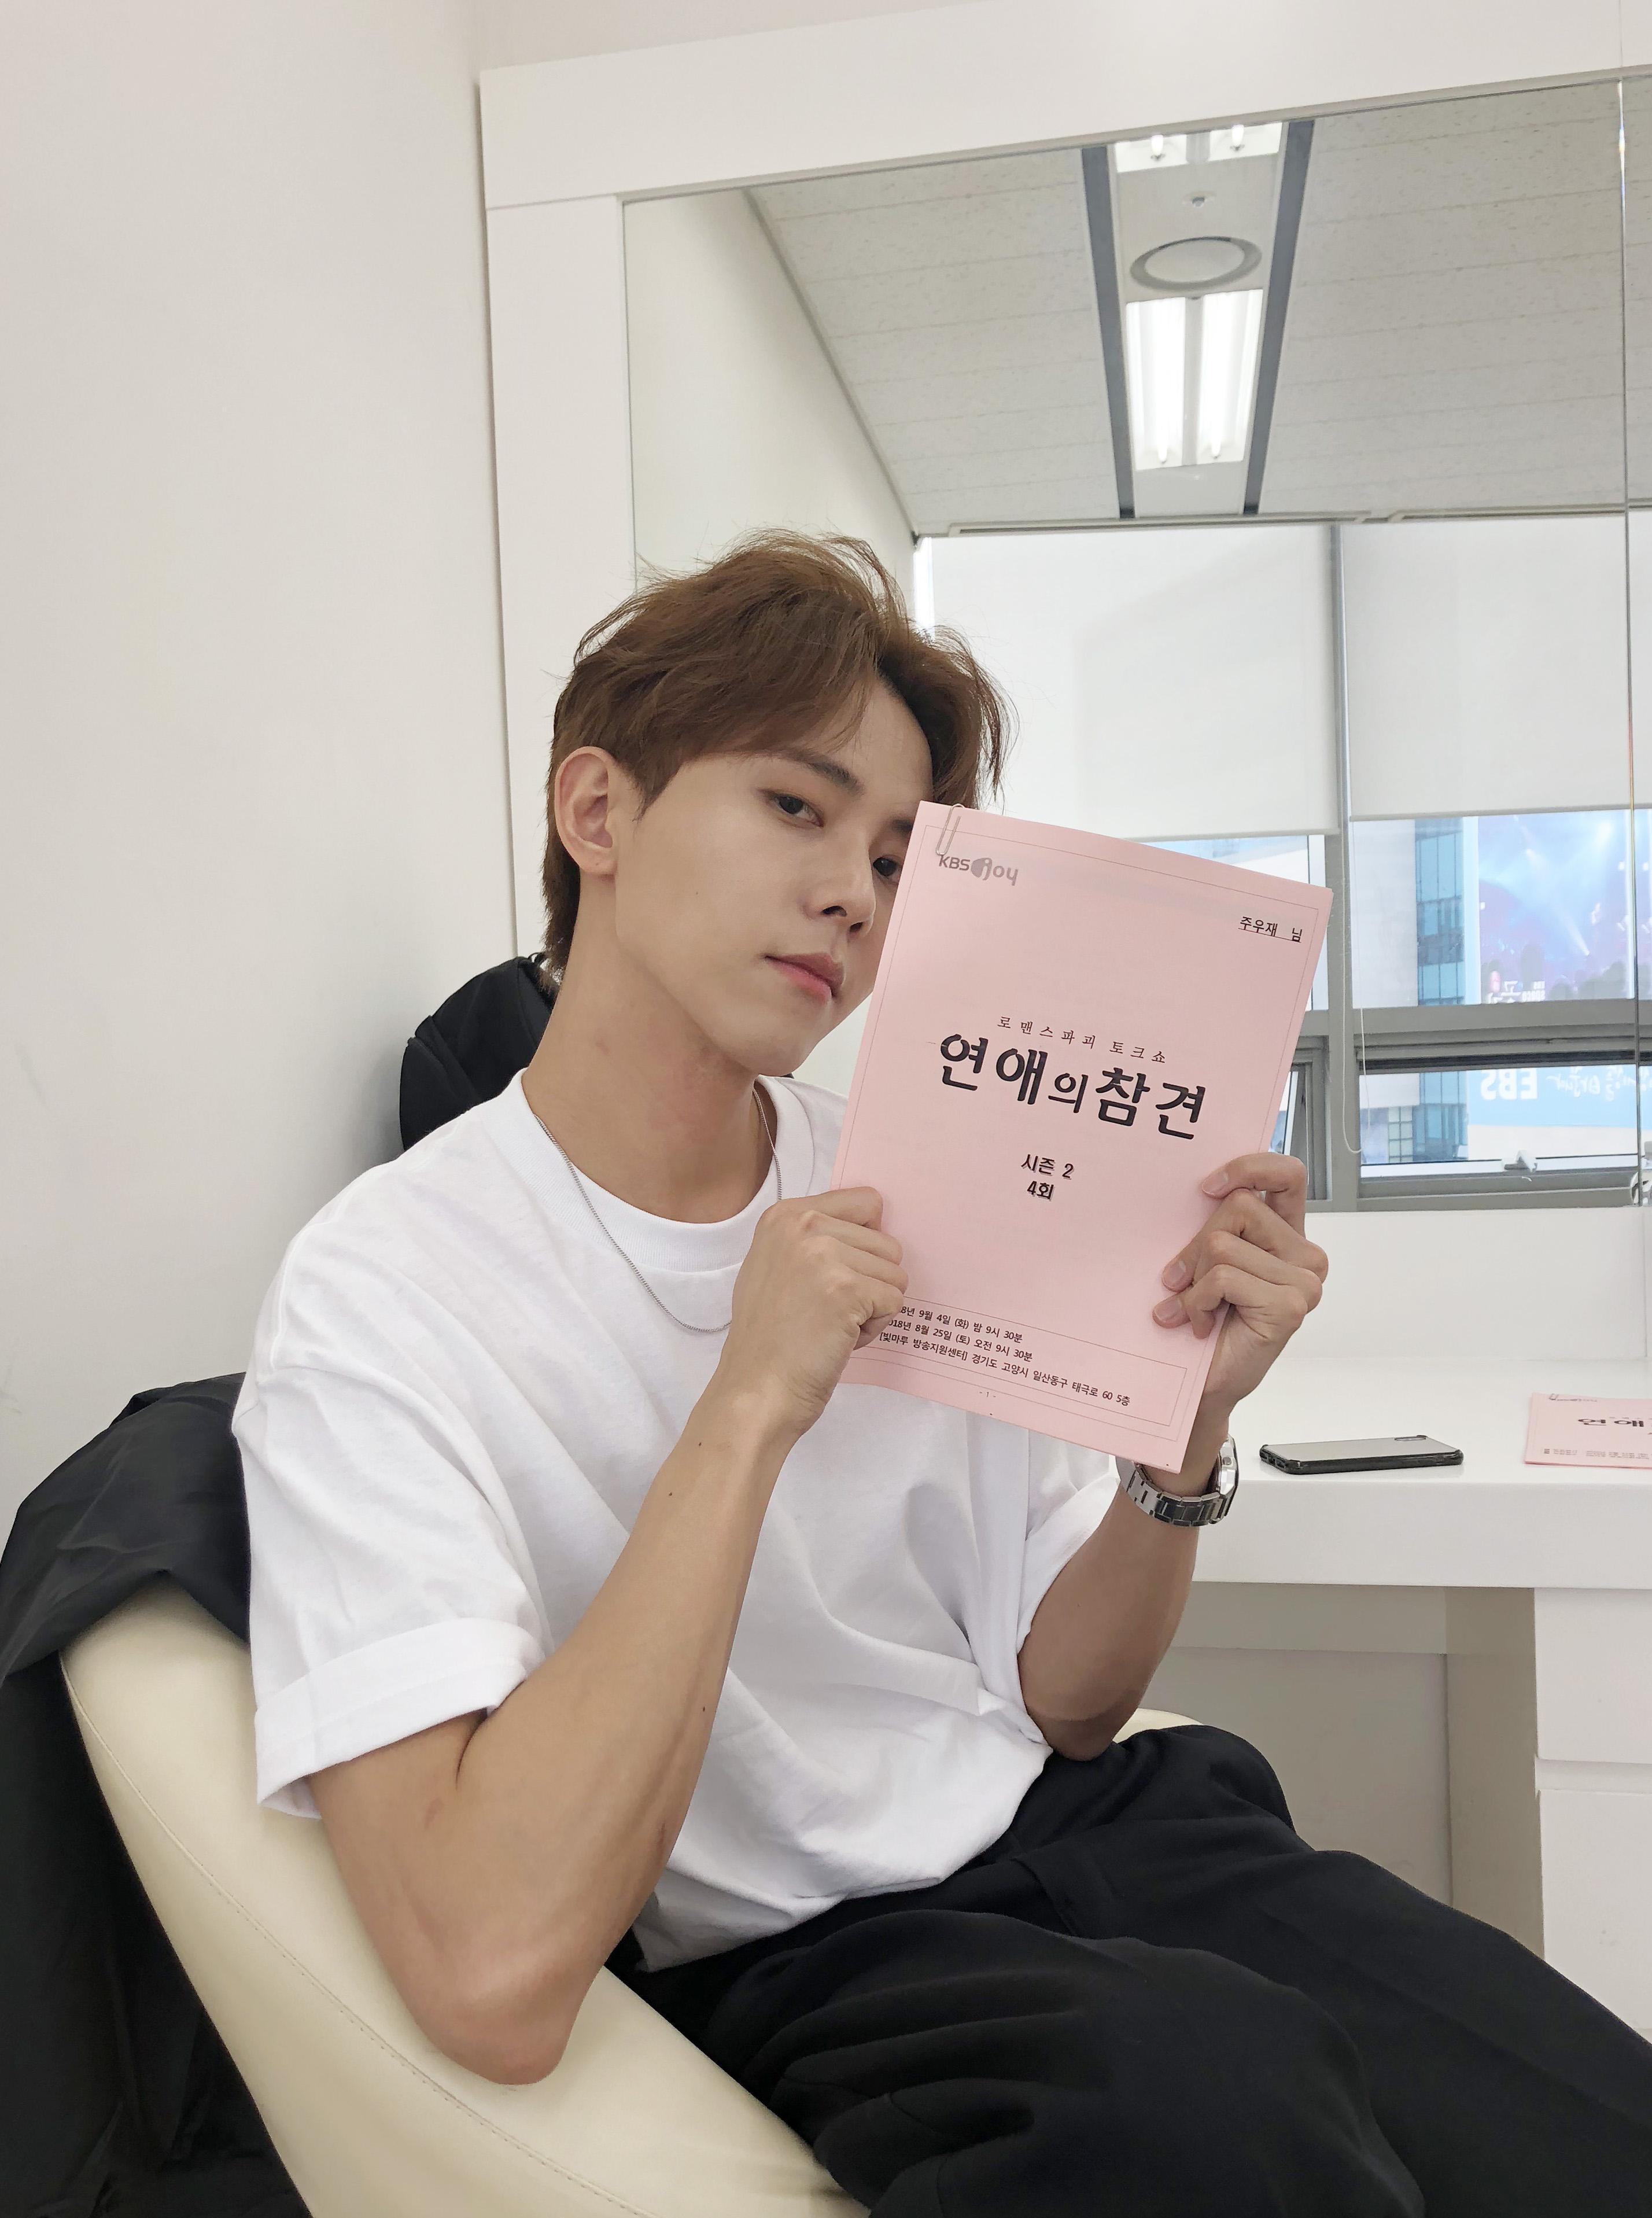 '연애의 참견 시즌2' 주우재, '훈훈 그 자체' 인증샷 공개